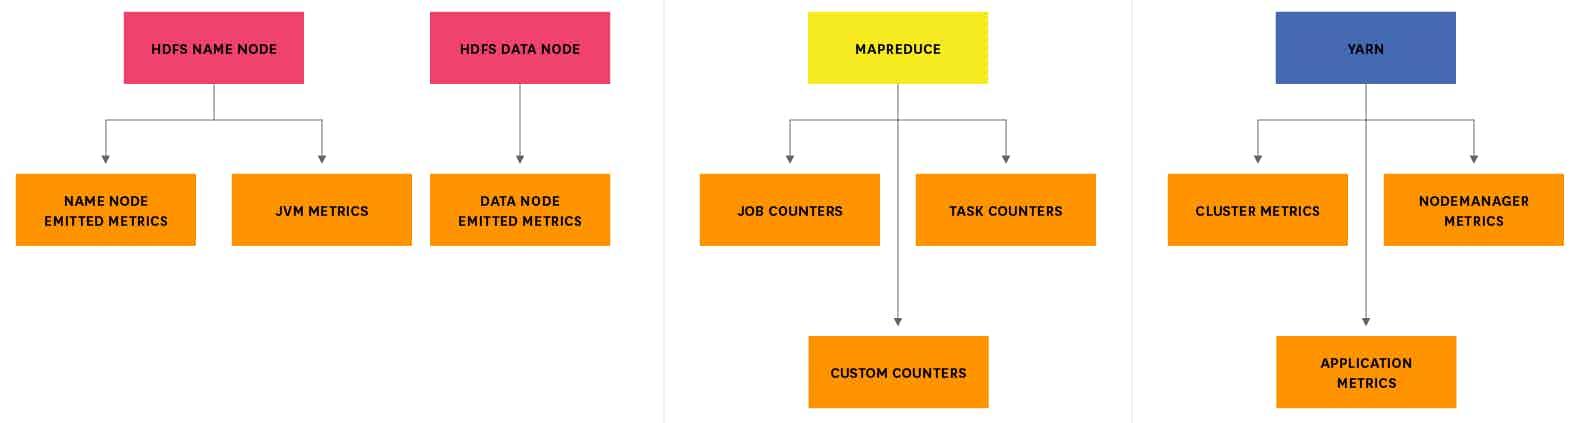 Hadoop metrics breakdown diagram